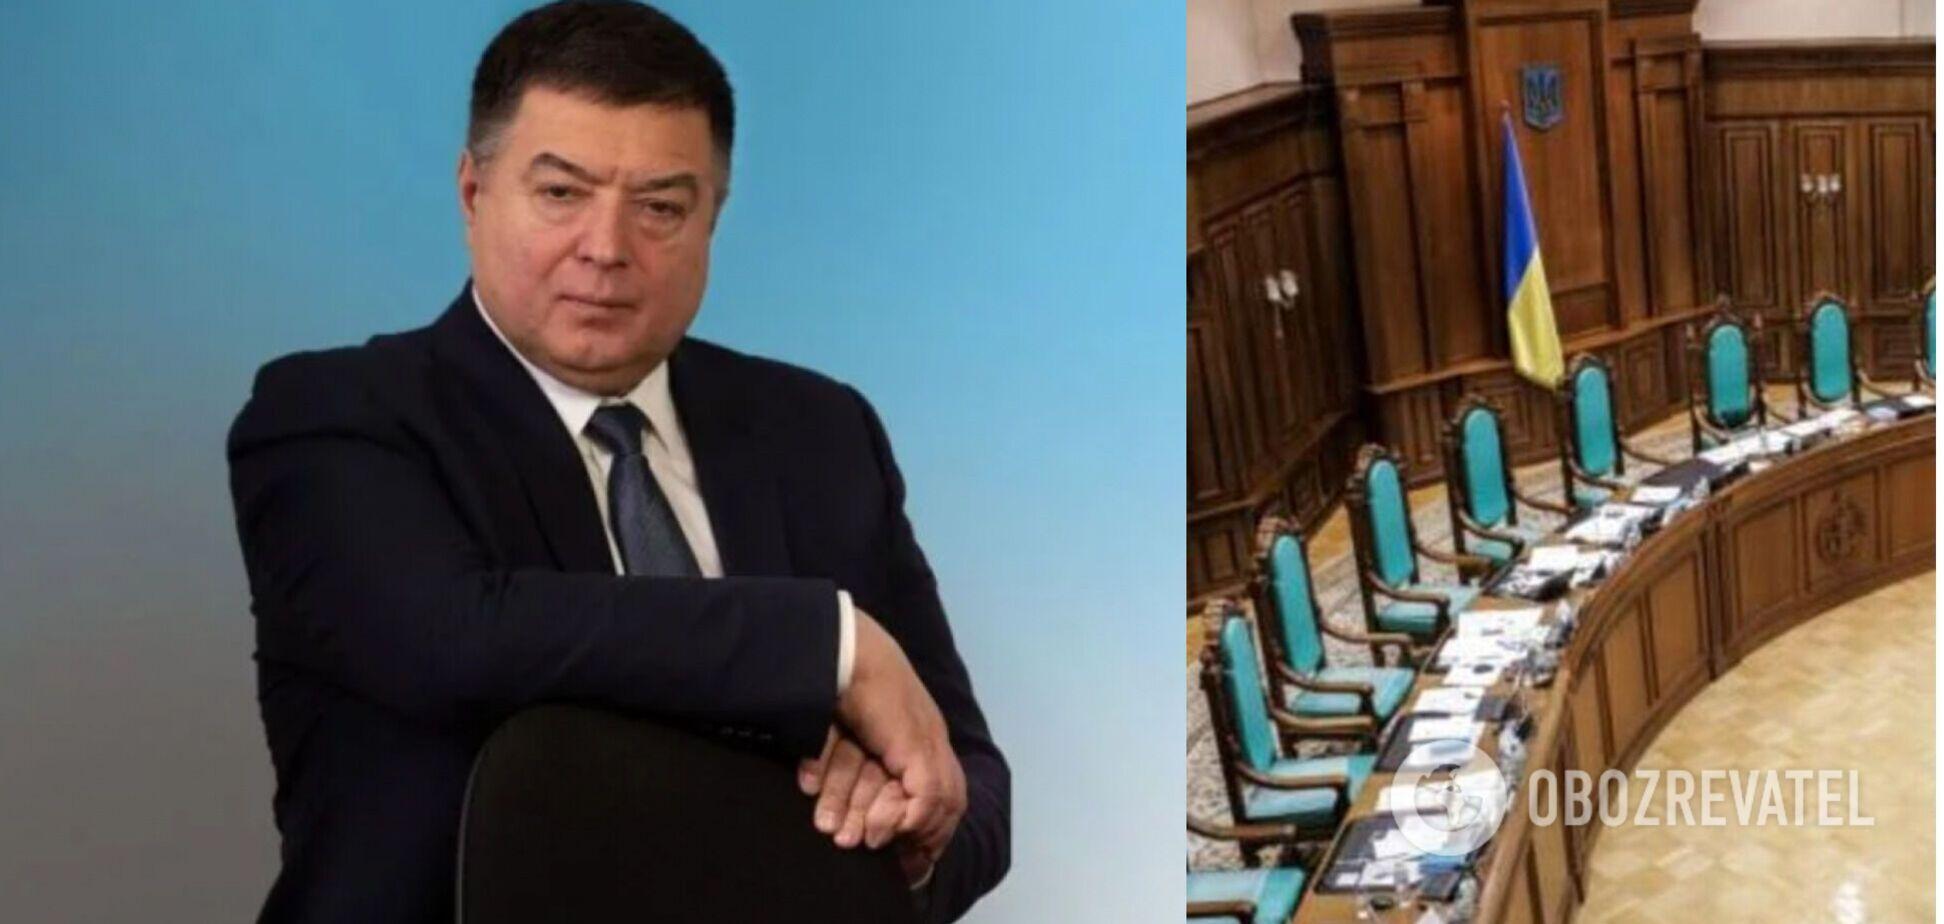 Тупицкий не явился на суд по избранию ему меры пресечения